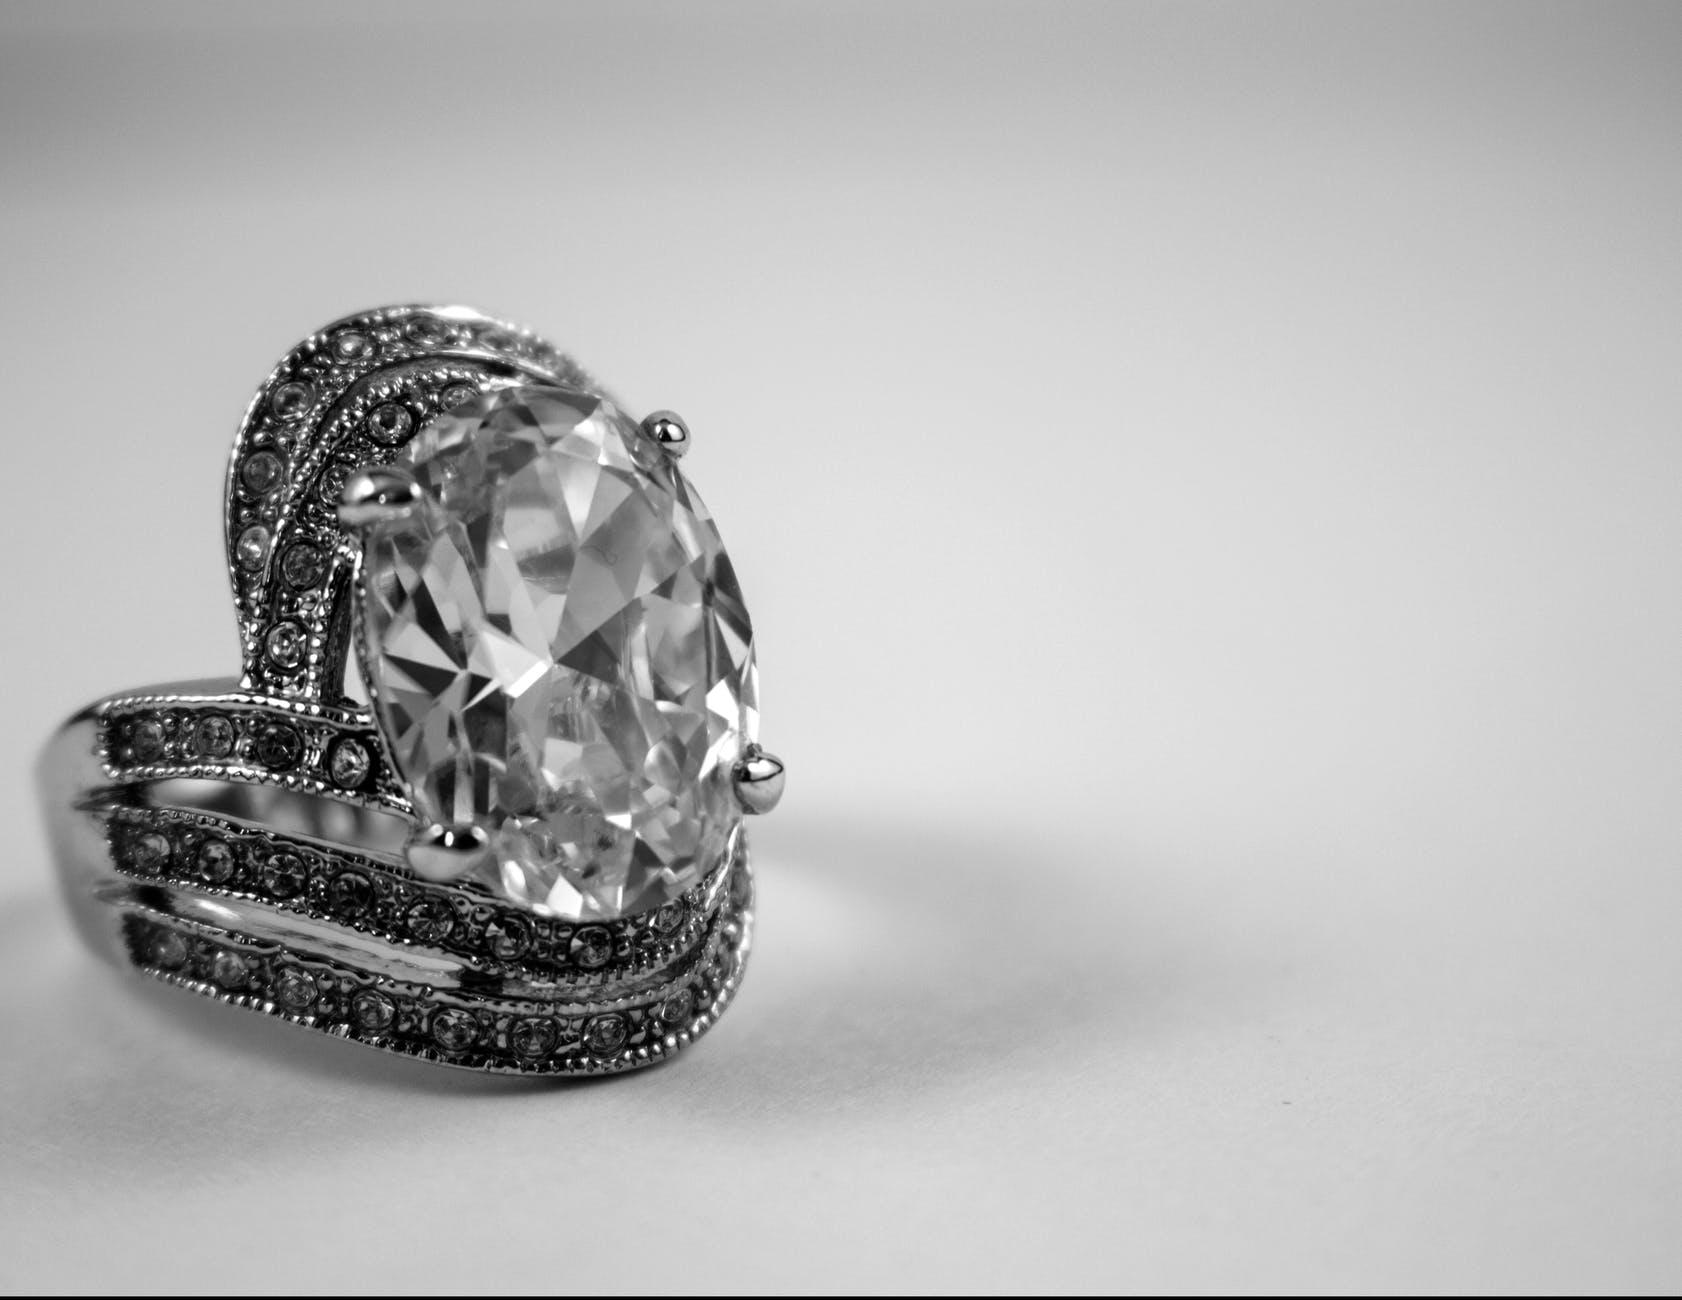 diamond silver colored ring